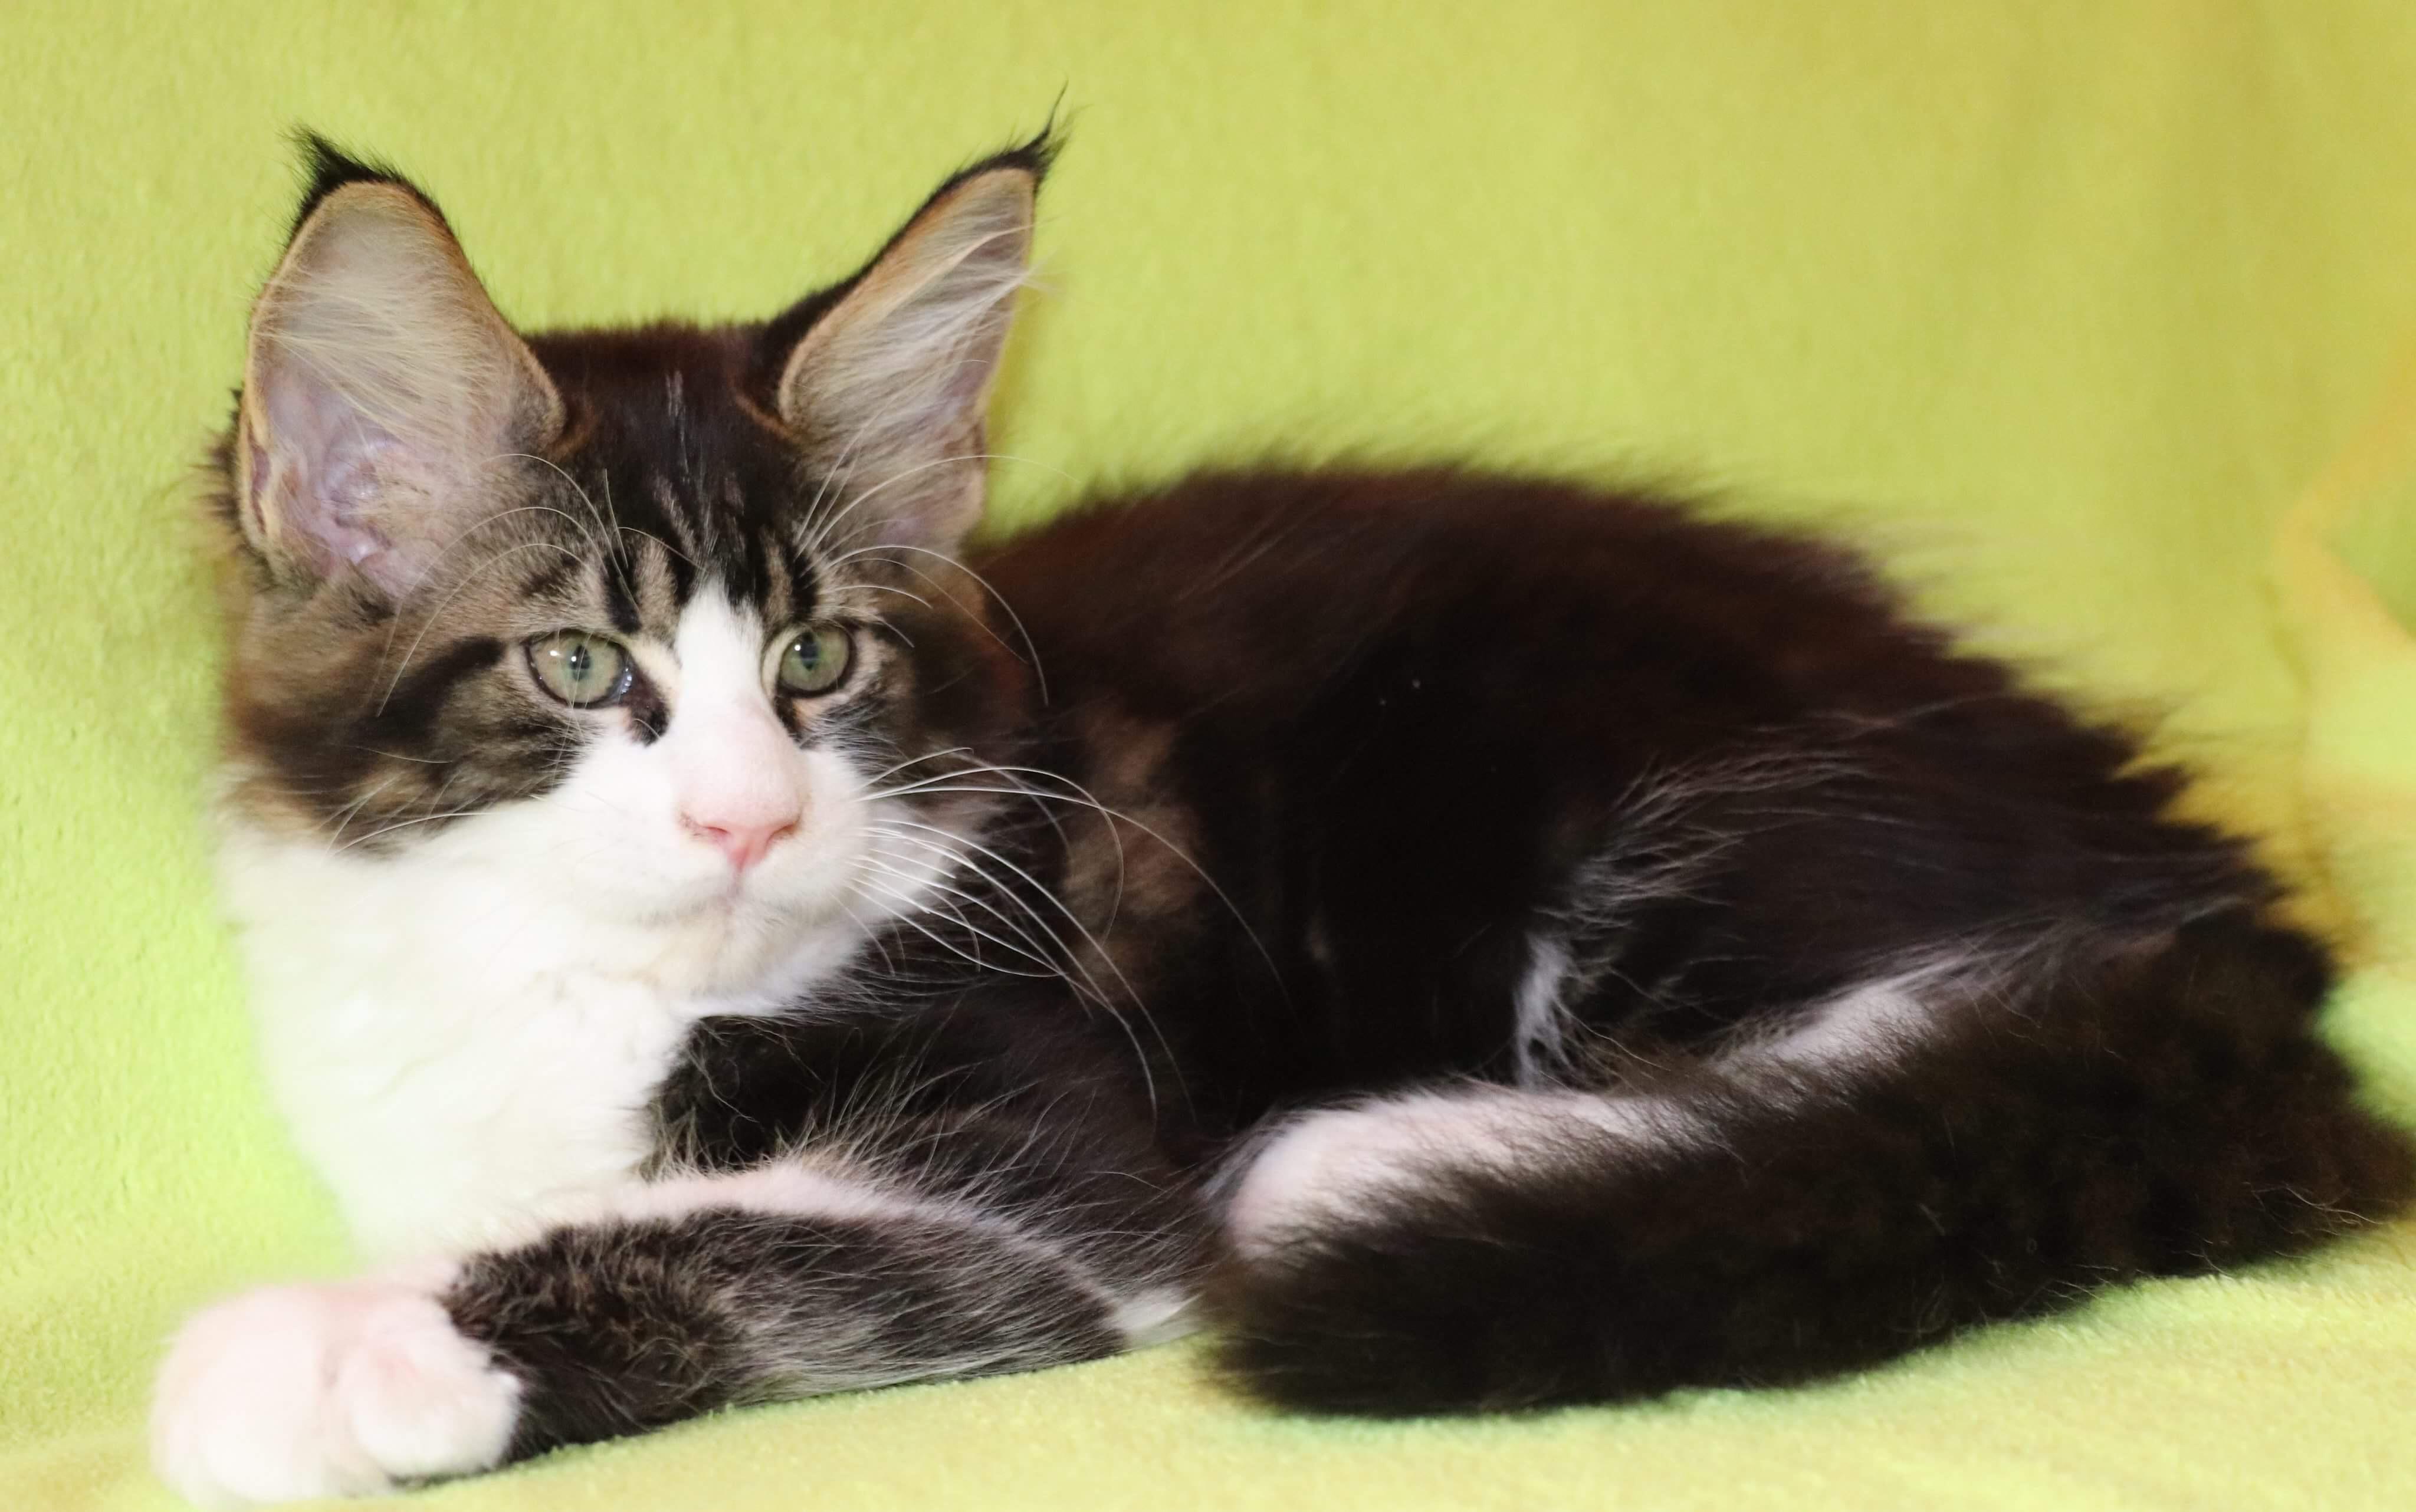 fotka kočky VRH F: FRUGO von ERILLIAN*CZ 👦🏻